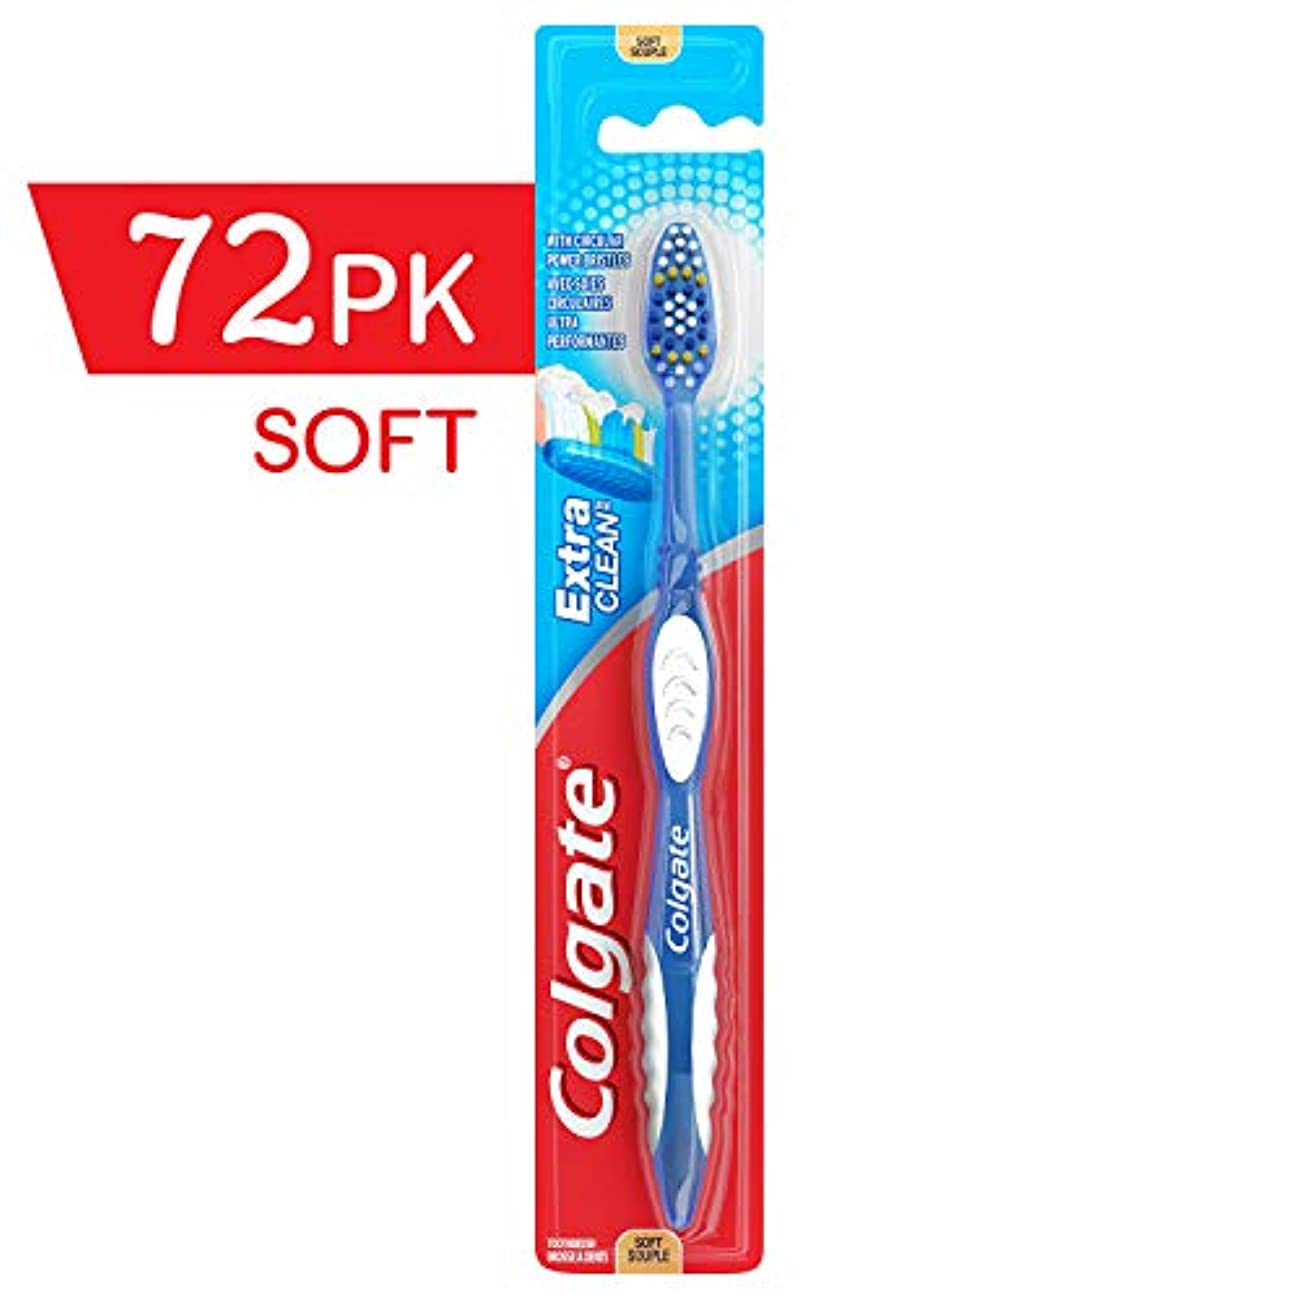 放射性送ったのみColgate エクストラクリーン歯ブラシソフト、柔らかい歯ブラシ、バルク歯ブラシ、旅行歯ブラシ、(72の場合)(モデル番号:155676)